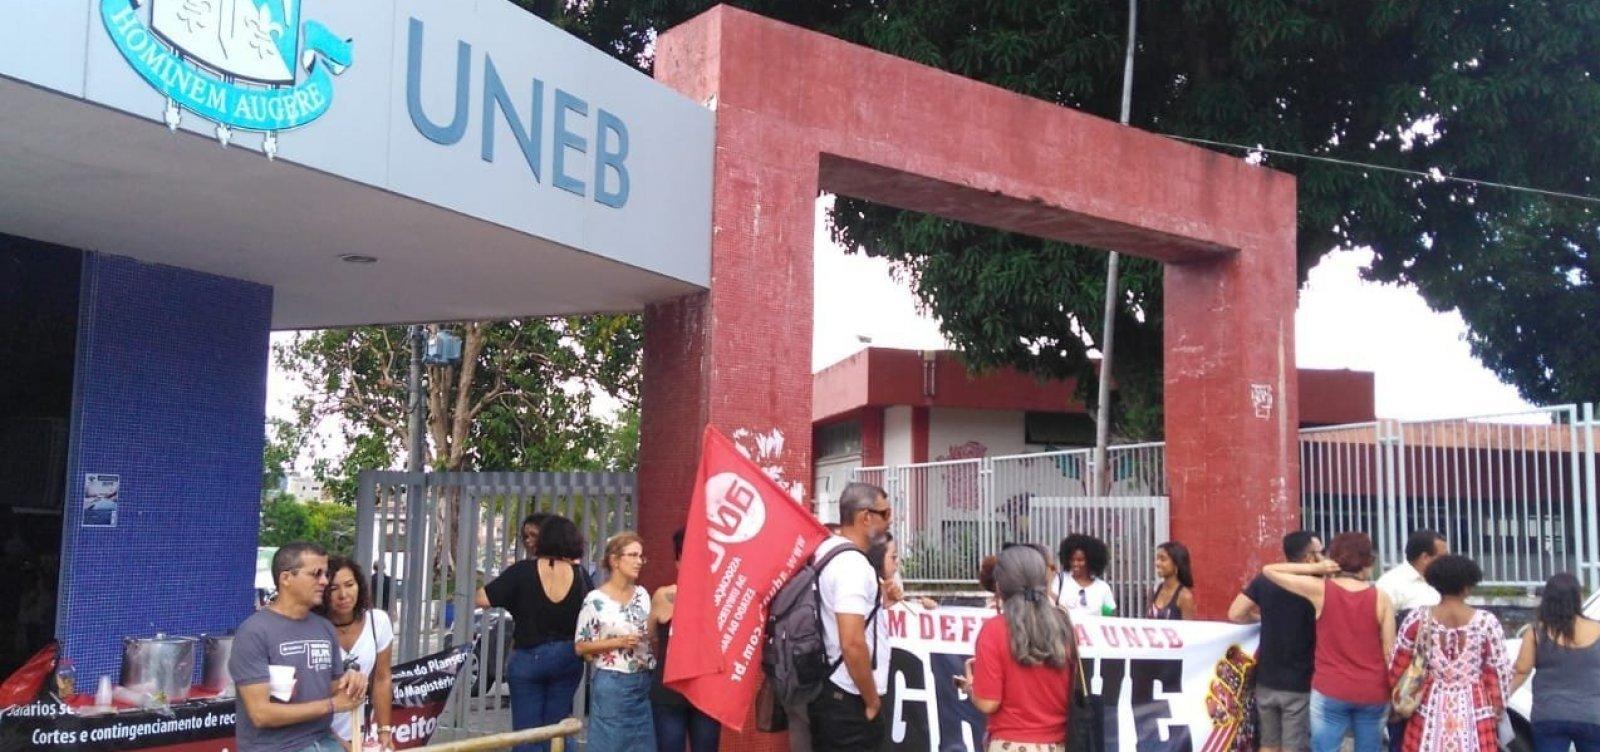 Professores seguem com salários cortados após decisão da Justiça, diz Aduneb